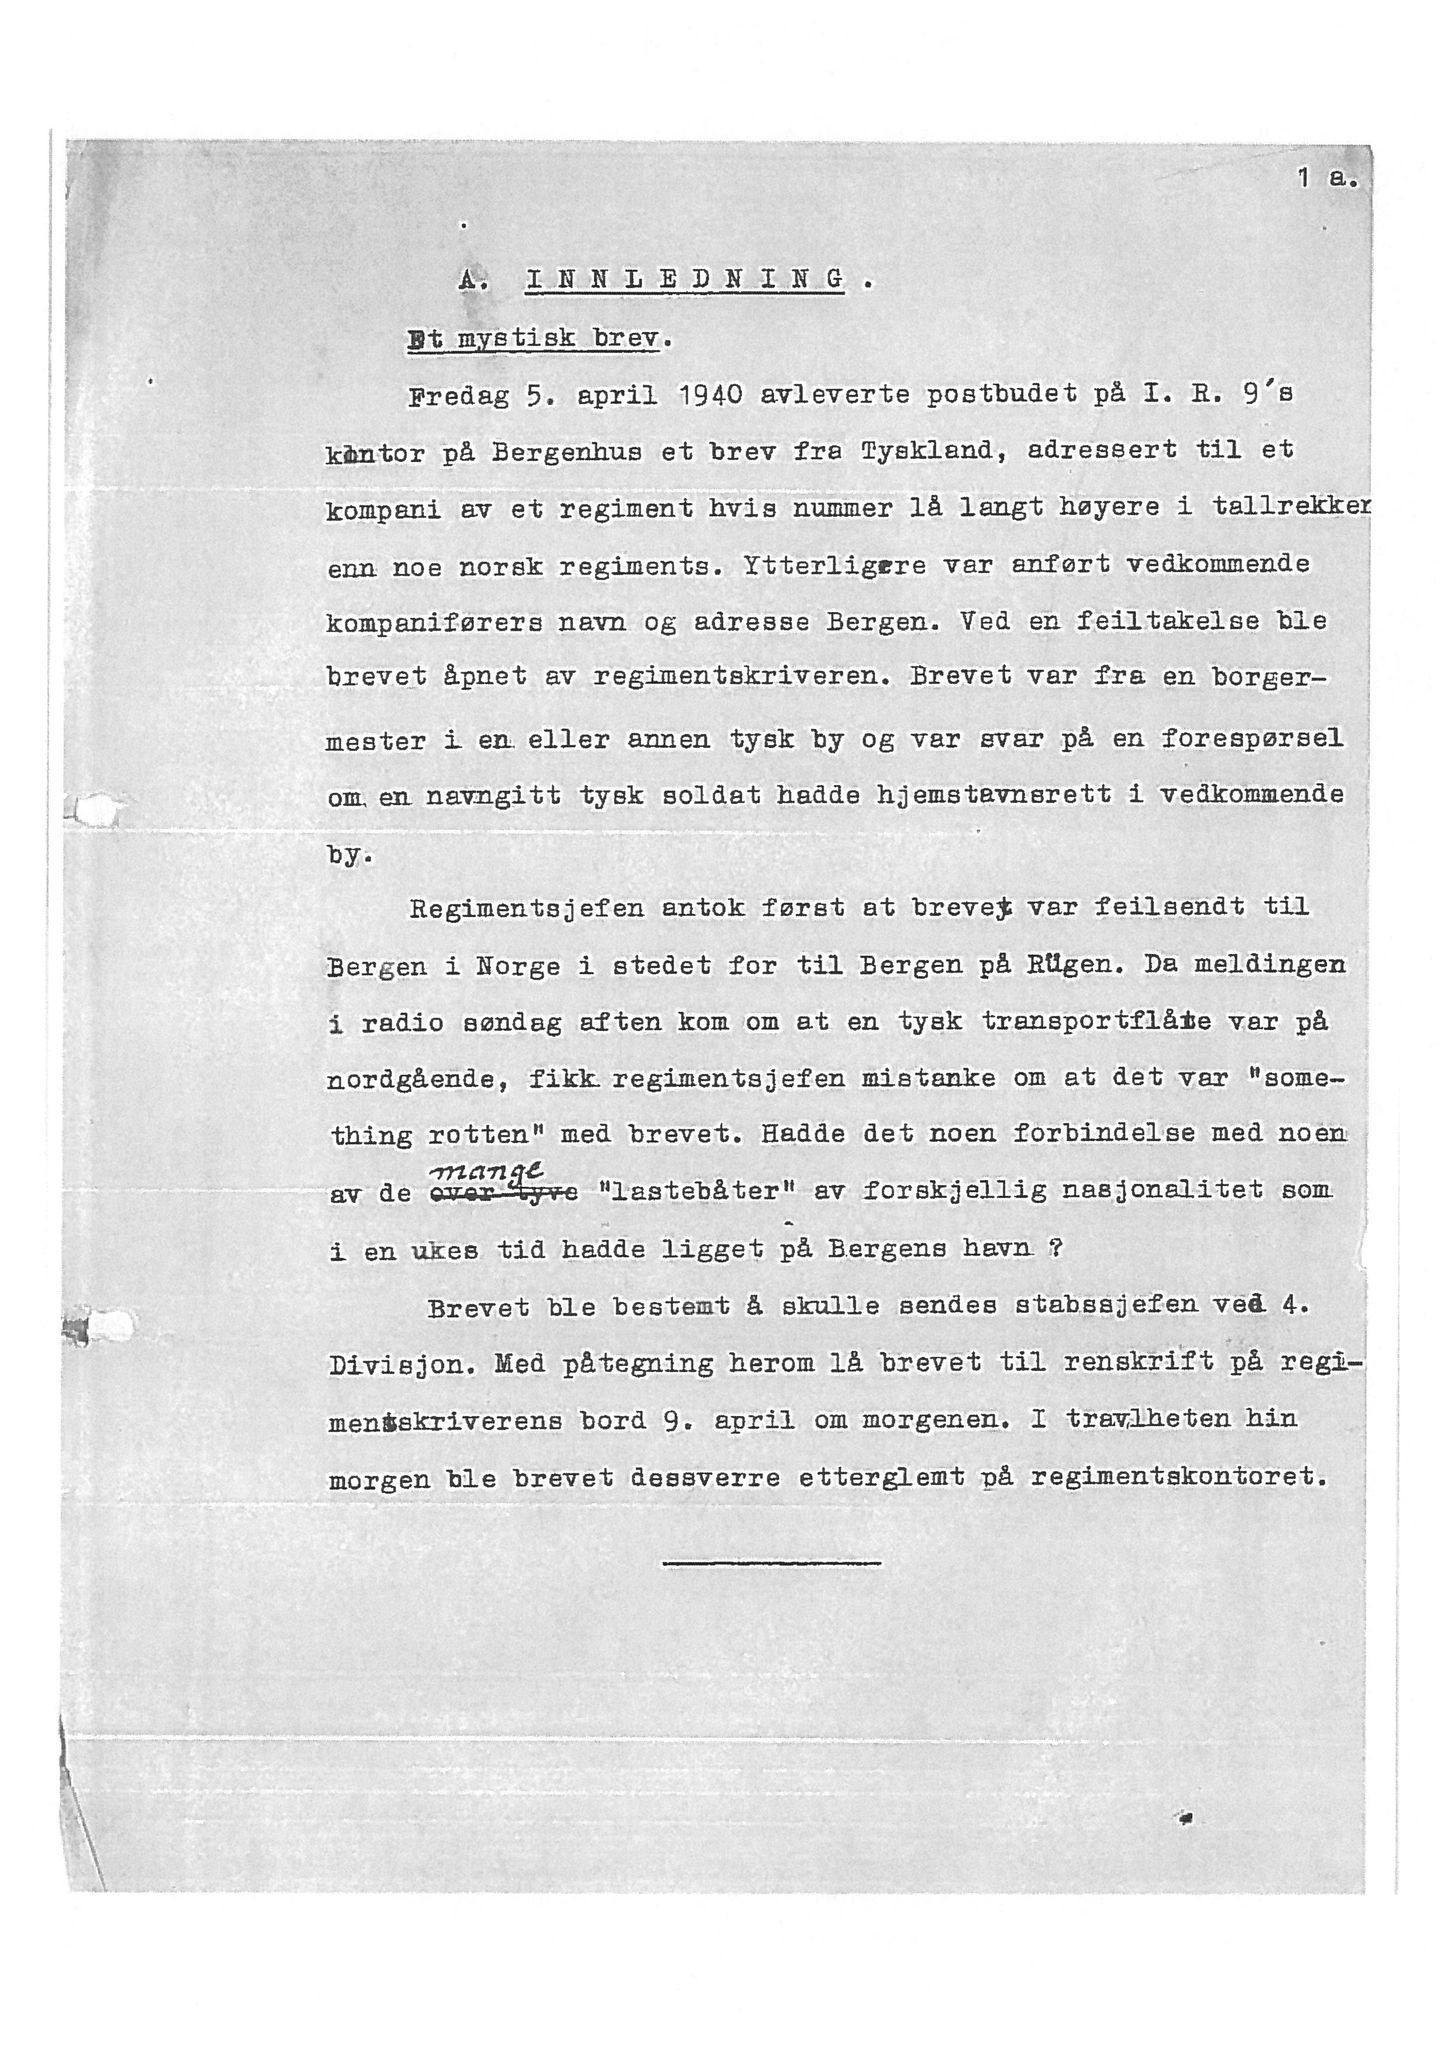 """SAB, Oberst Sverre Blom - manuskript til krigshistorie, F/L0001: Manuskript """"Krigens historie - operasjonene til lands på Vestlandet 1940"""" av oberst Sverre Blom, 1940, s. 1a"""